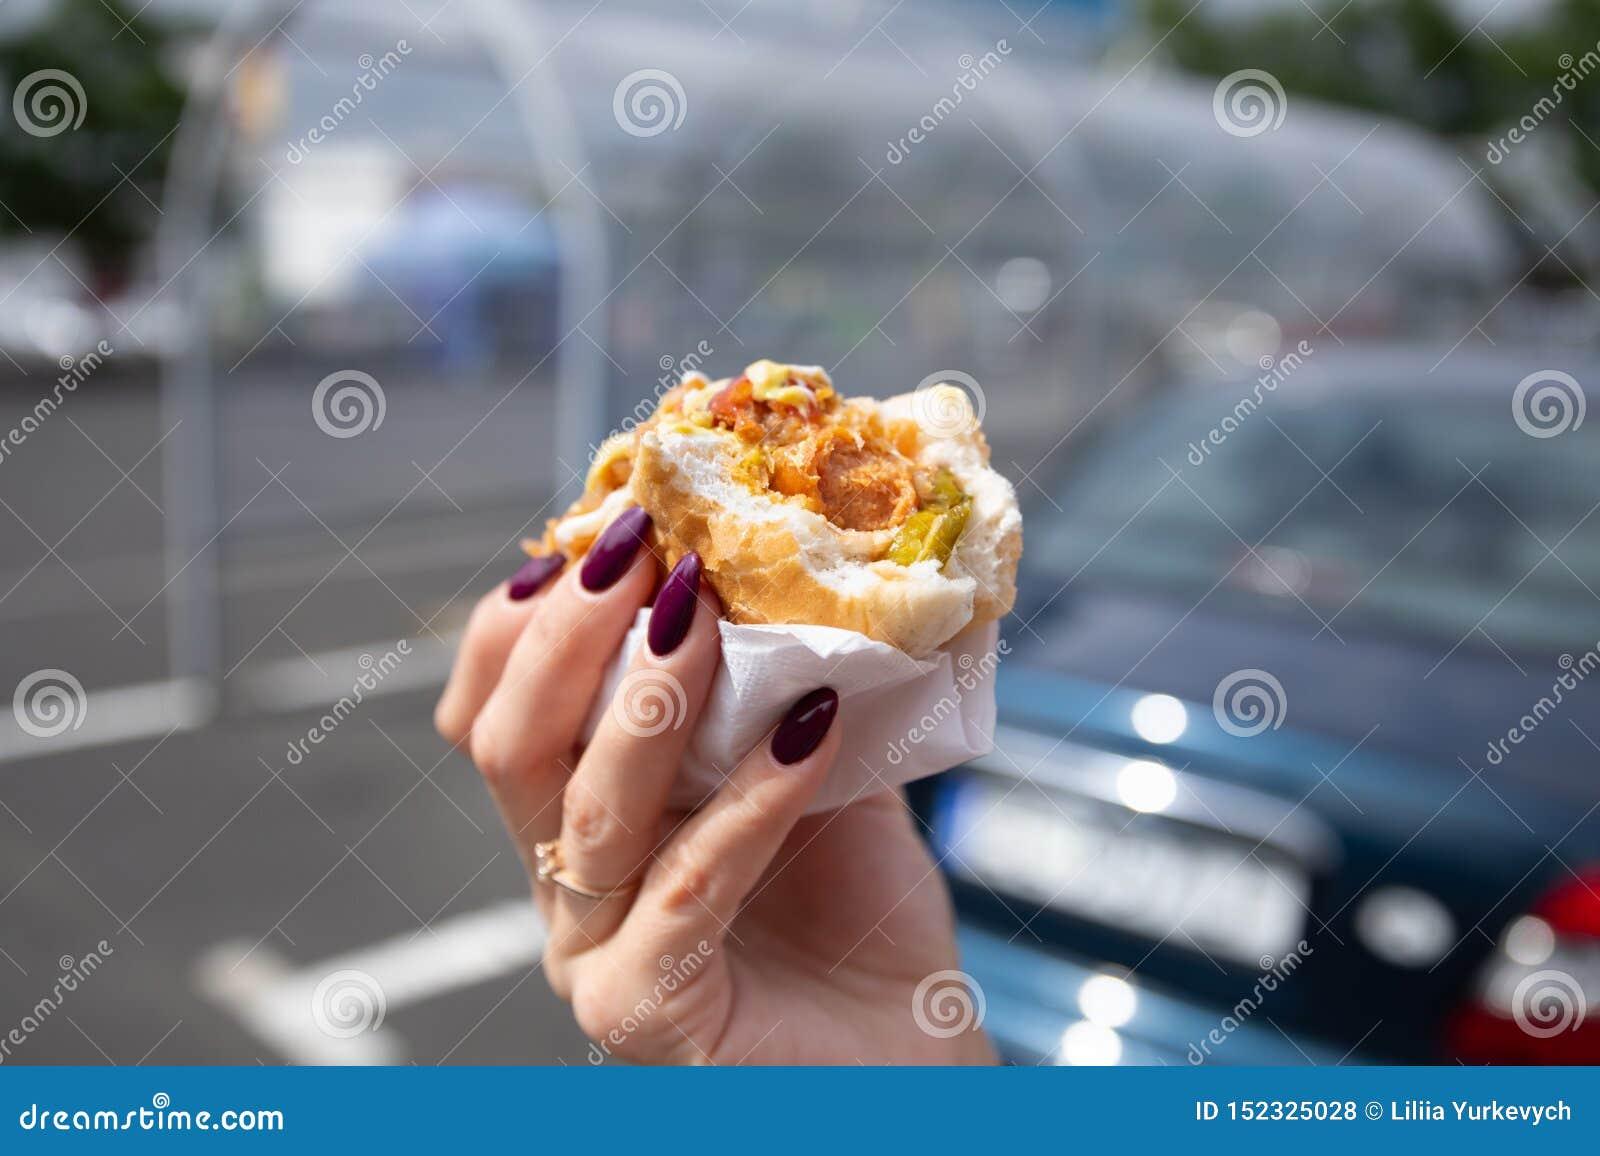 Een jonge vrouw houdt een gebeten hotdog